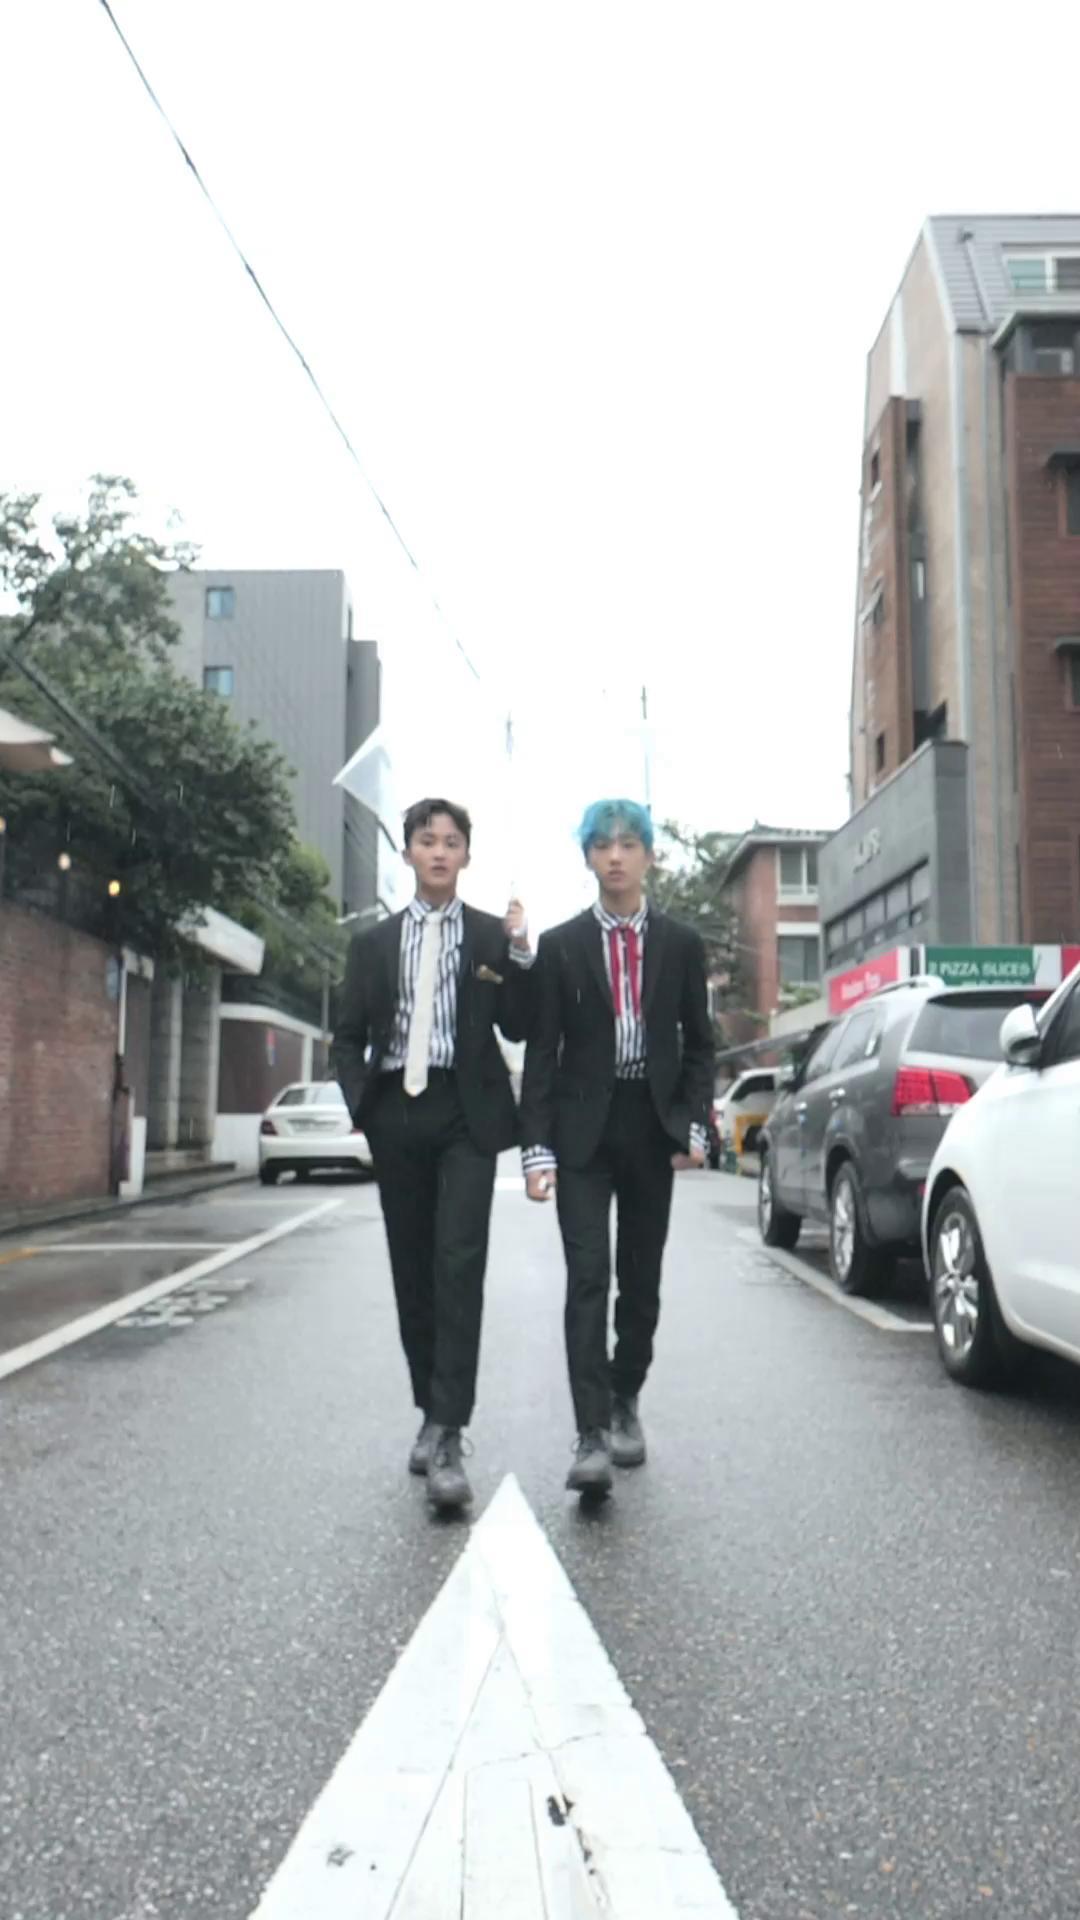 [존잘러스] NCT DREAM, 마크&지성 편 (Zone! Zealous!:The gang of pretty boys)